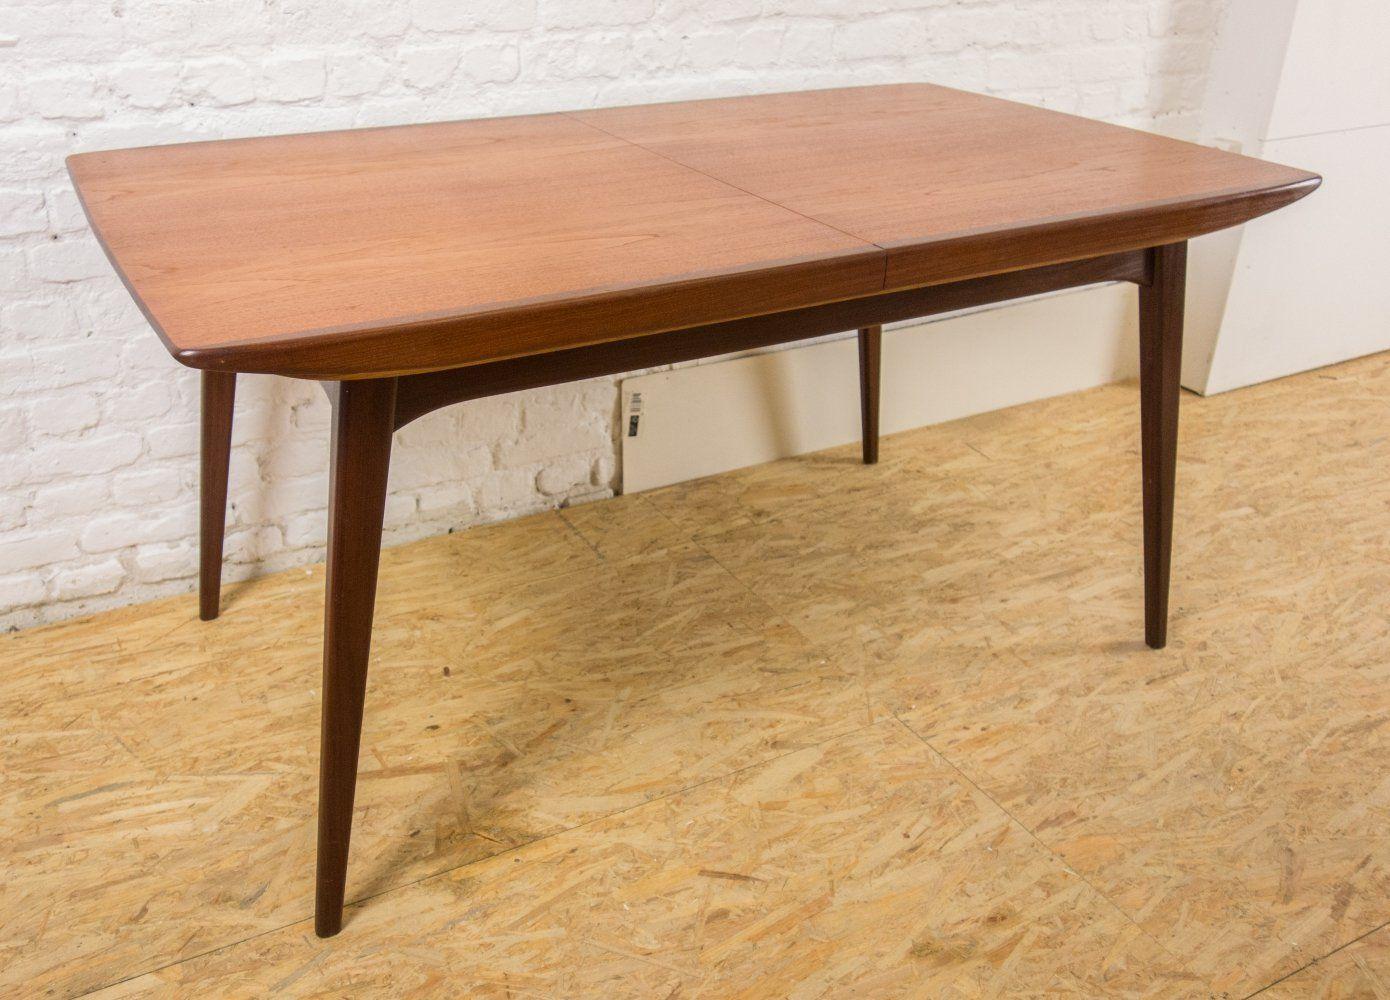 For Sale Teak Table By Louis Van Teeffelen Teak Table Dining Table Table